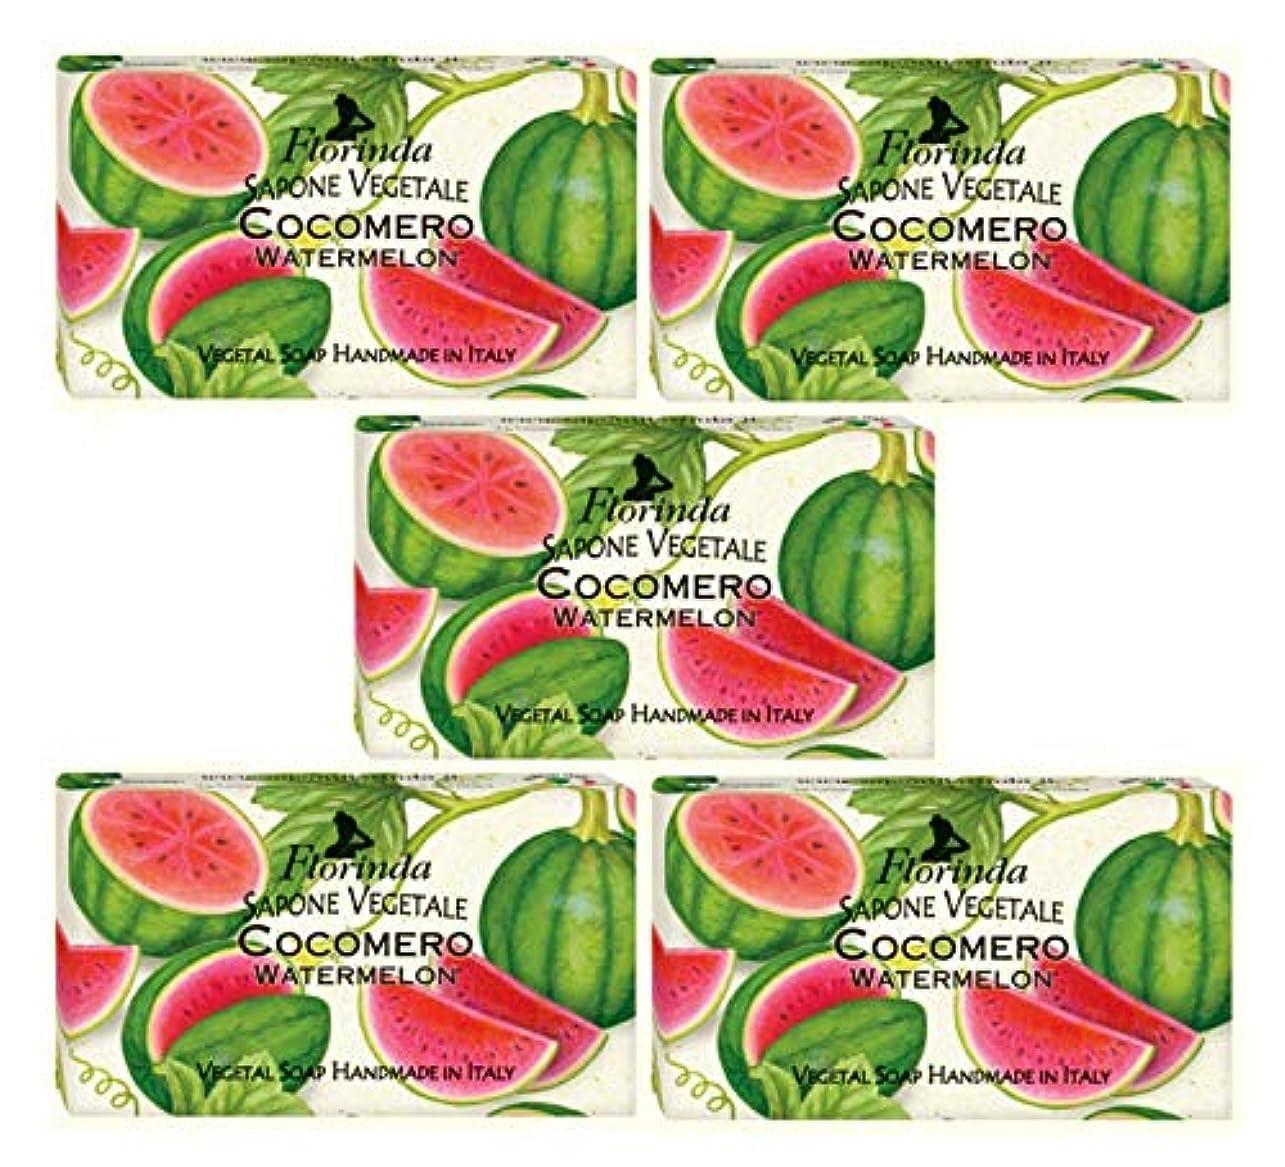 裁判官素晴らしいポーズフロリンダ フレグランスソープ 固形石けん フルーツの香り ウォーターメロン 95g×5個セット